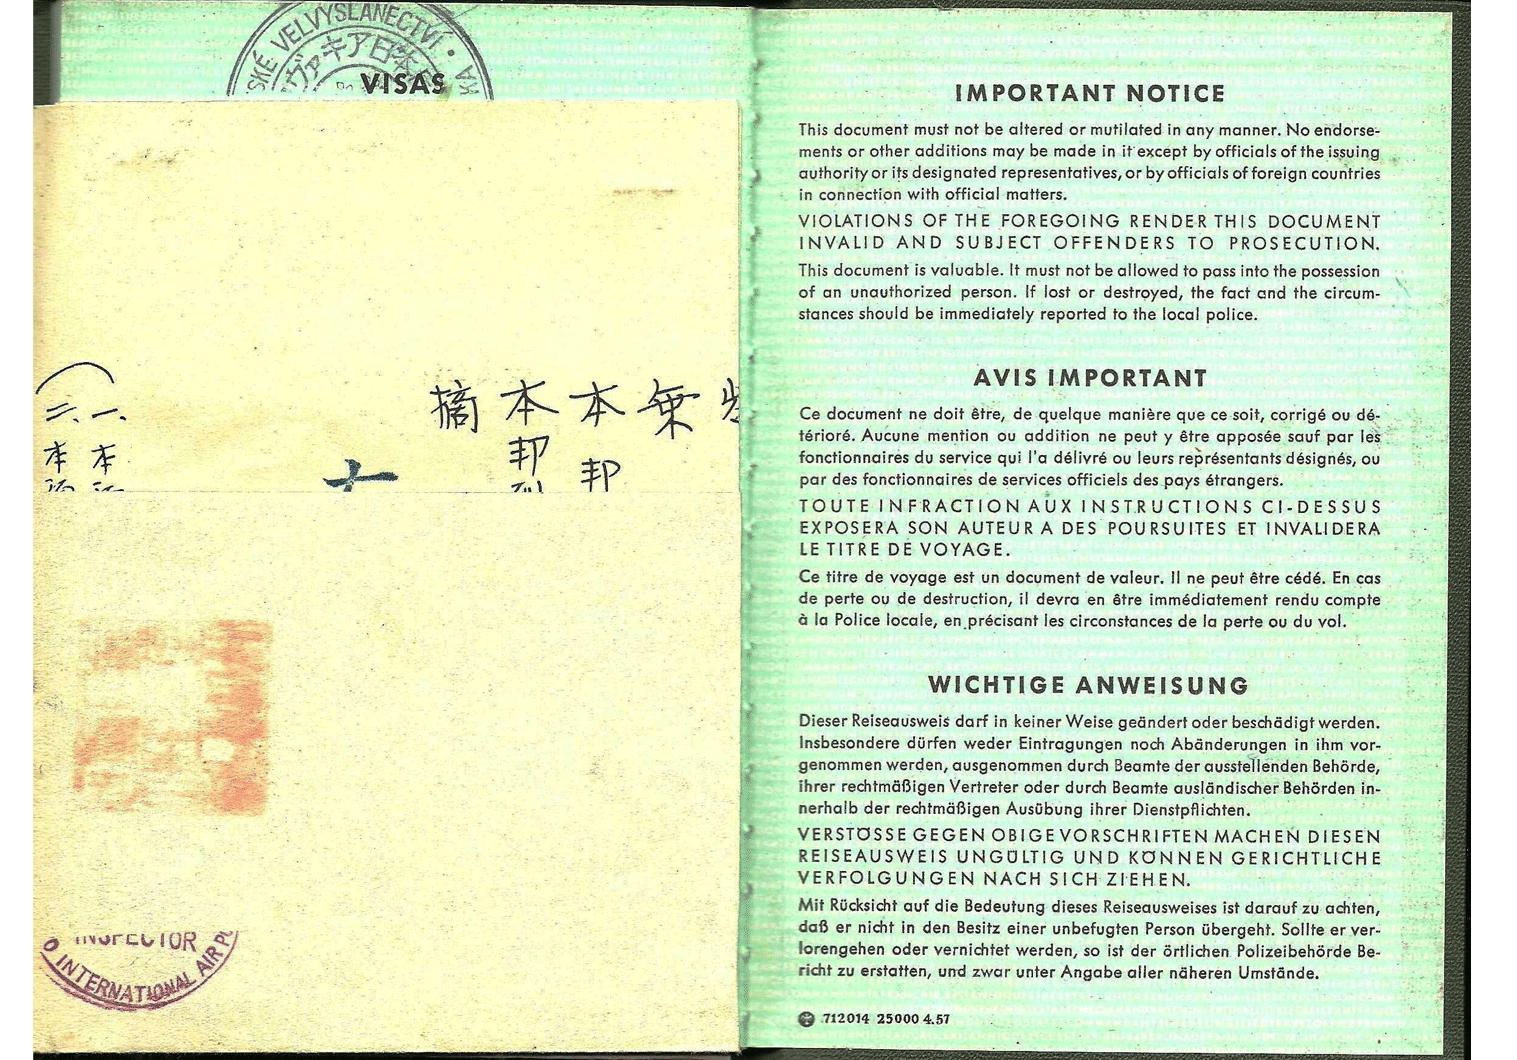 Allied German passport